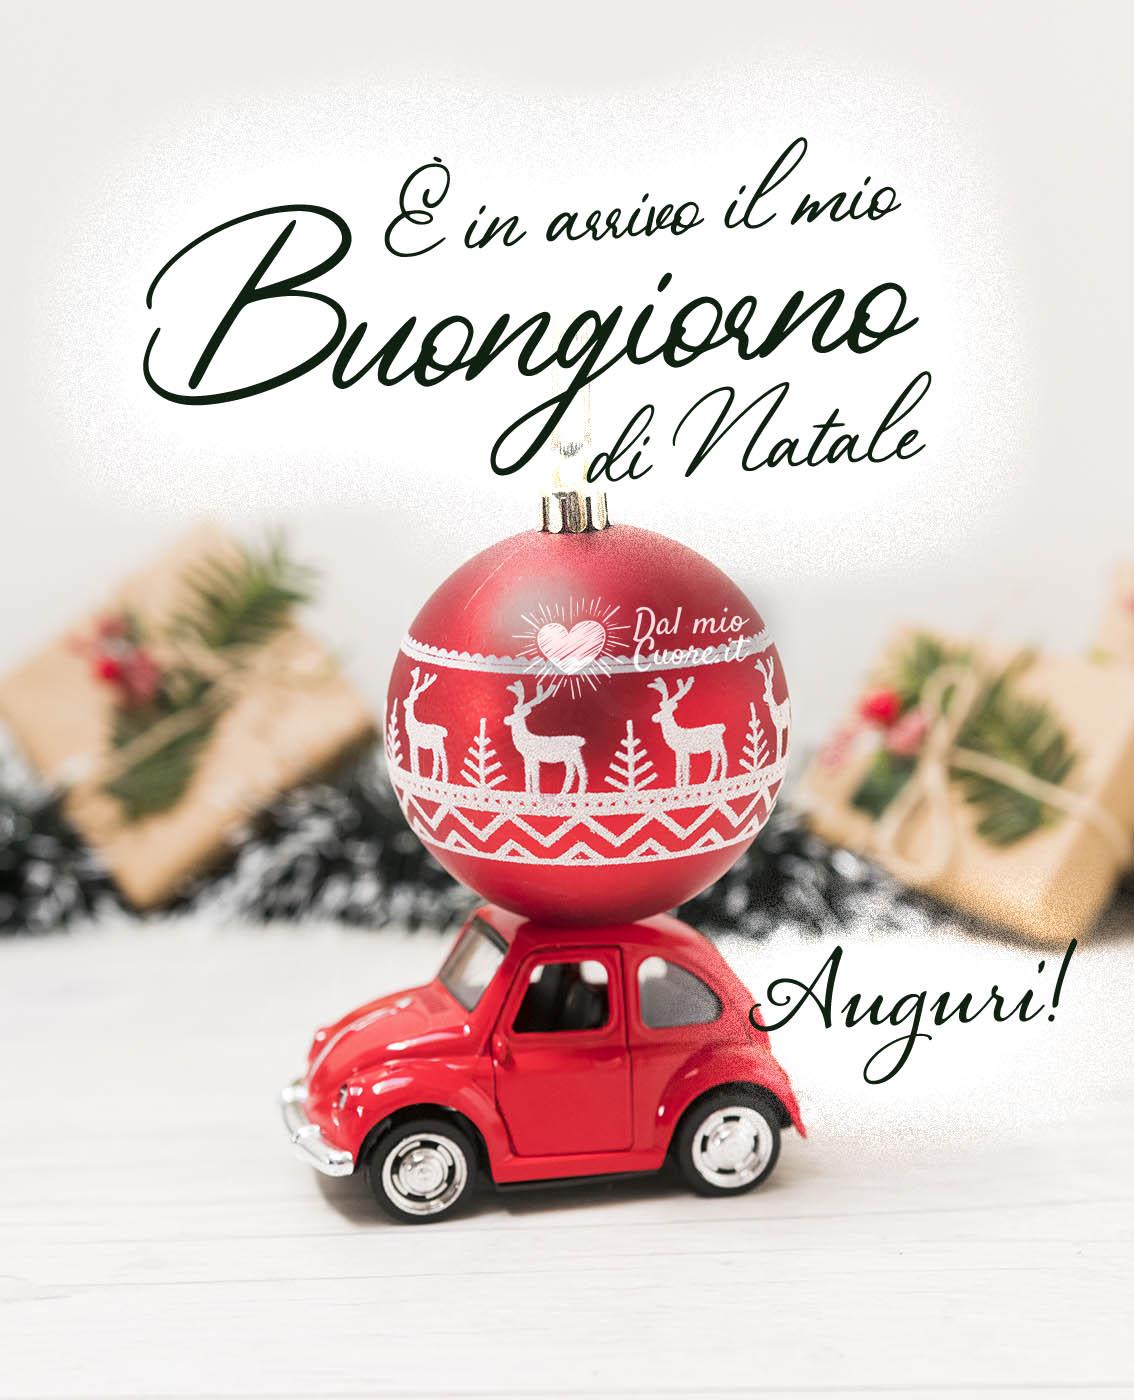 Auguri di buon natale · auguri buon natale · merry christmas · natale · babbo natale. Auguri Di Buon Natale Immagini Video E Gif Per Facebook E Whatsapp